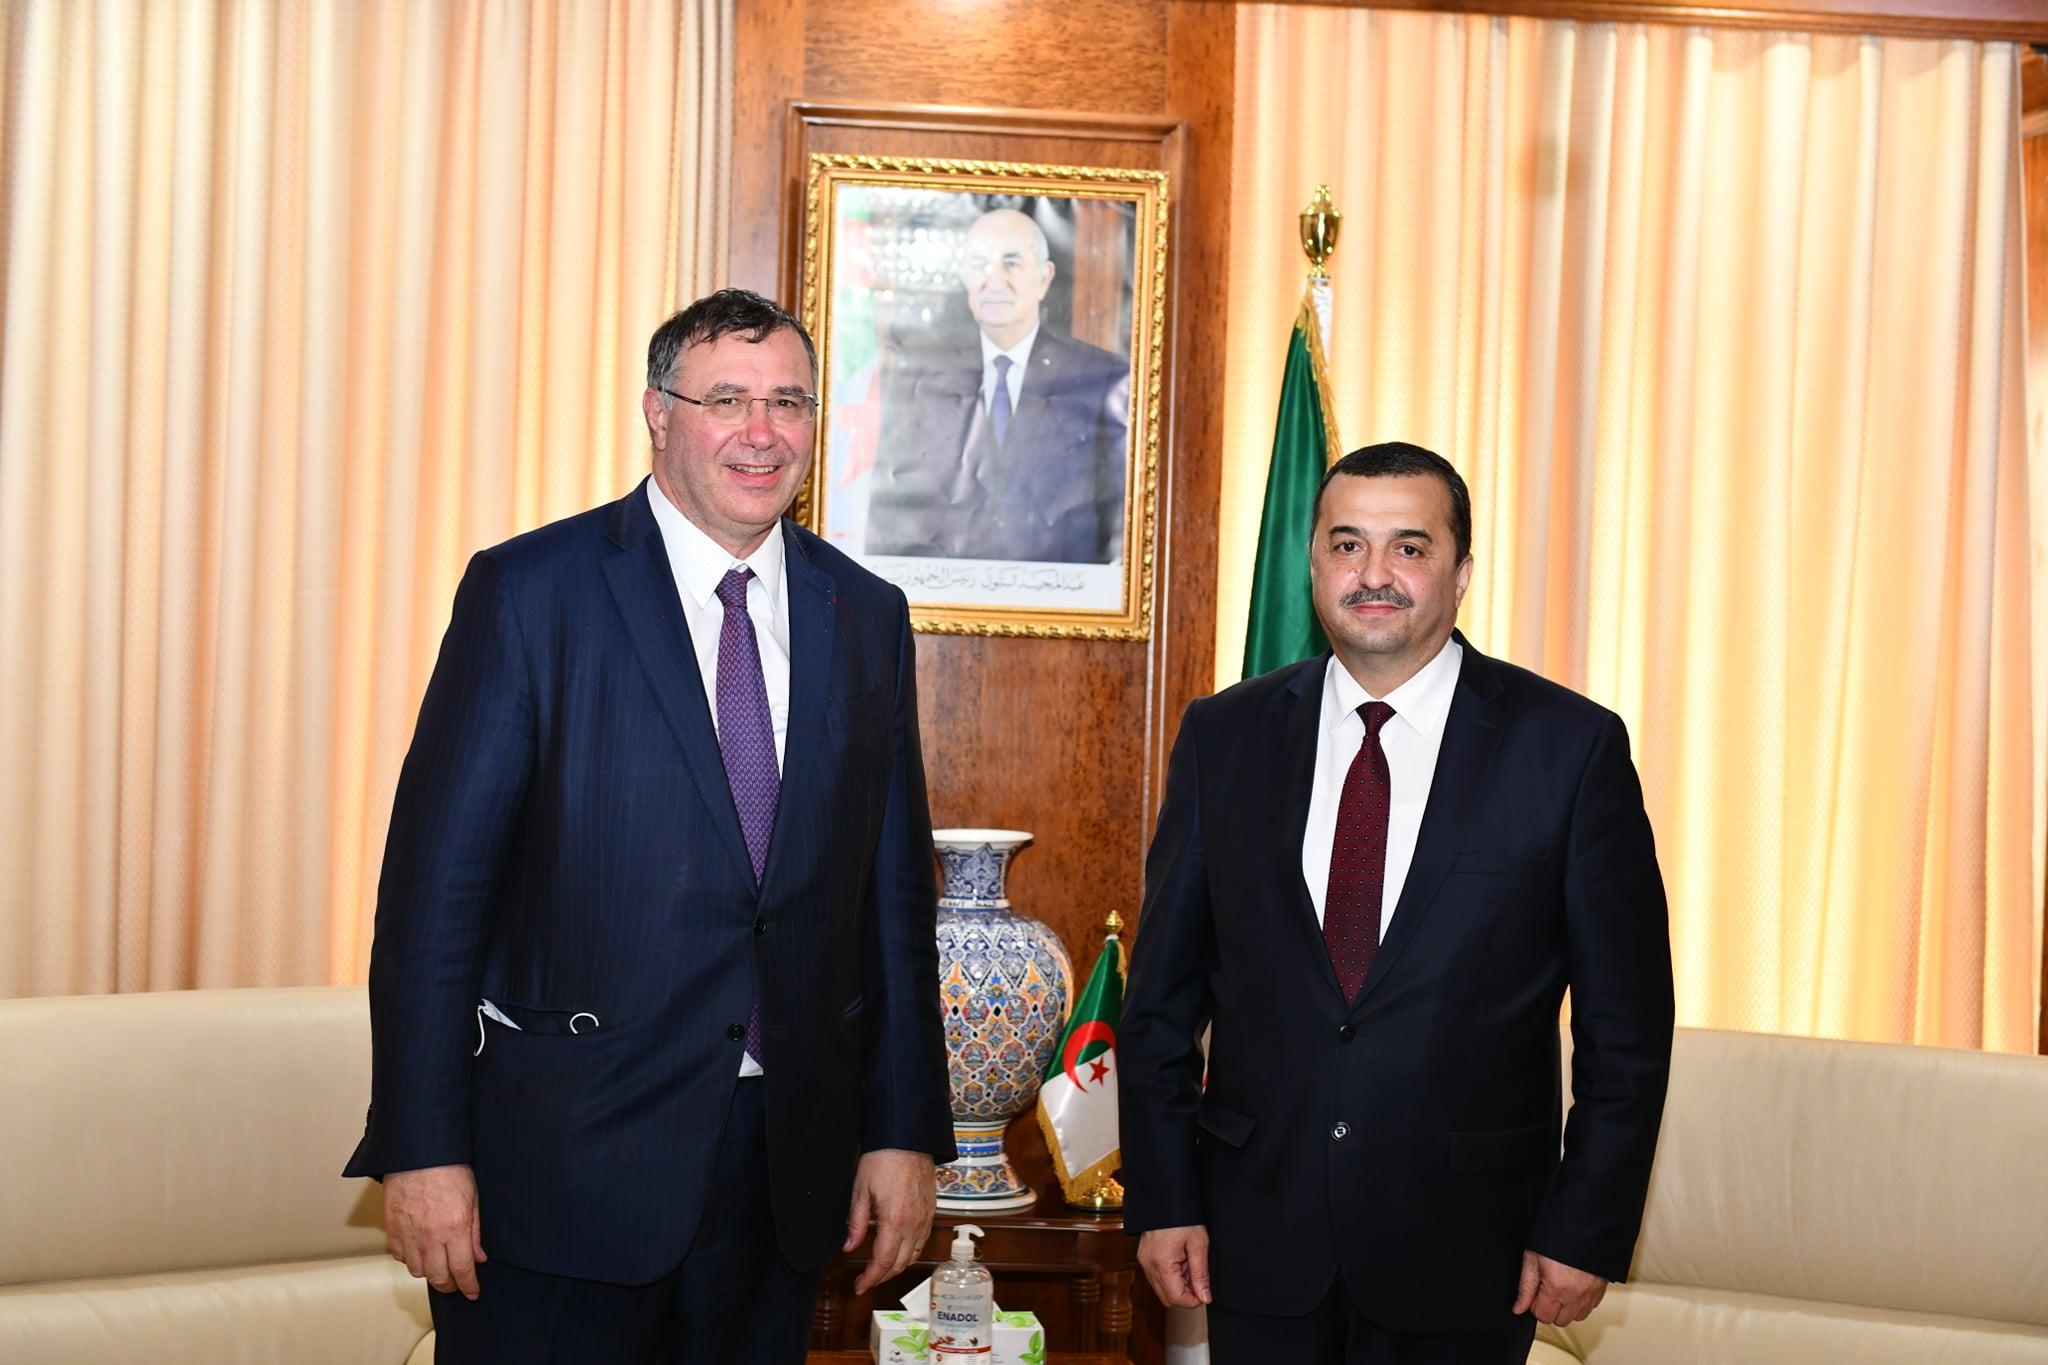 Le Ministre de l'Energie et des Mines reçoit le PDG de Total - Algérie